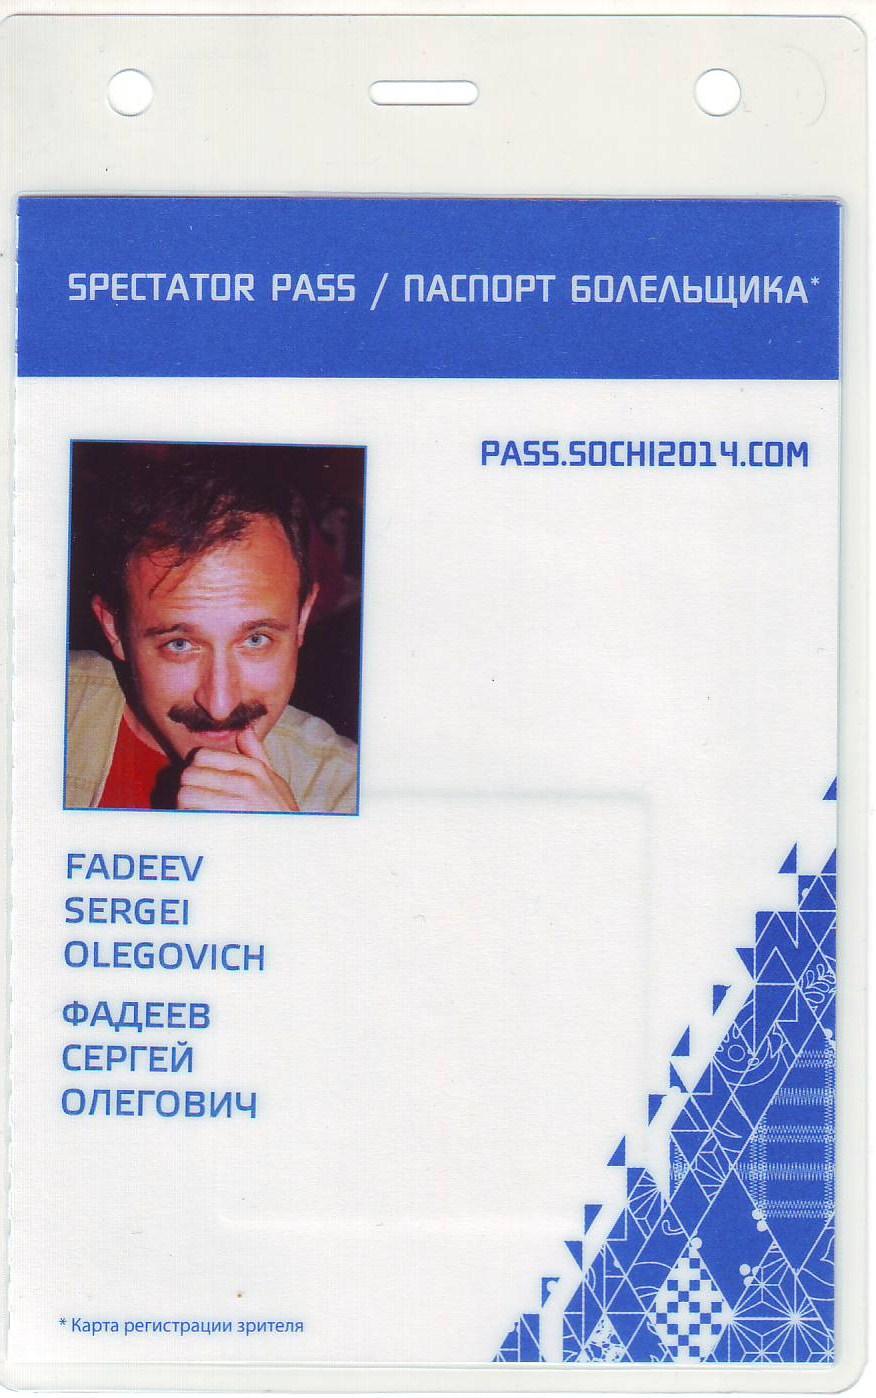 ПаспортБолельщика